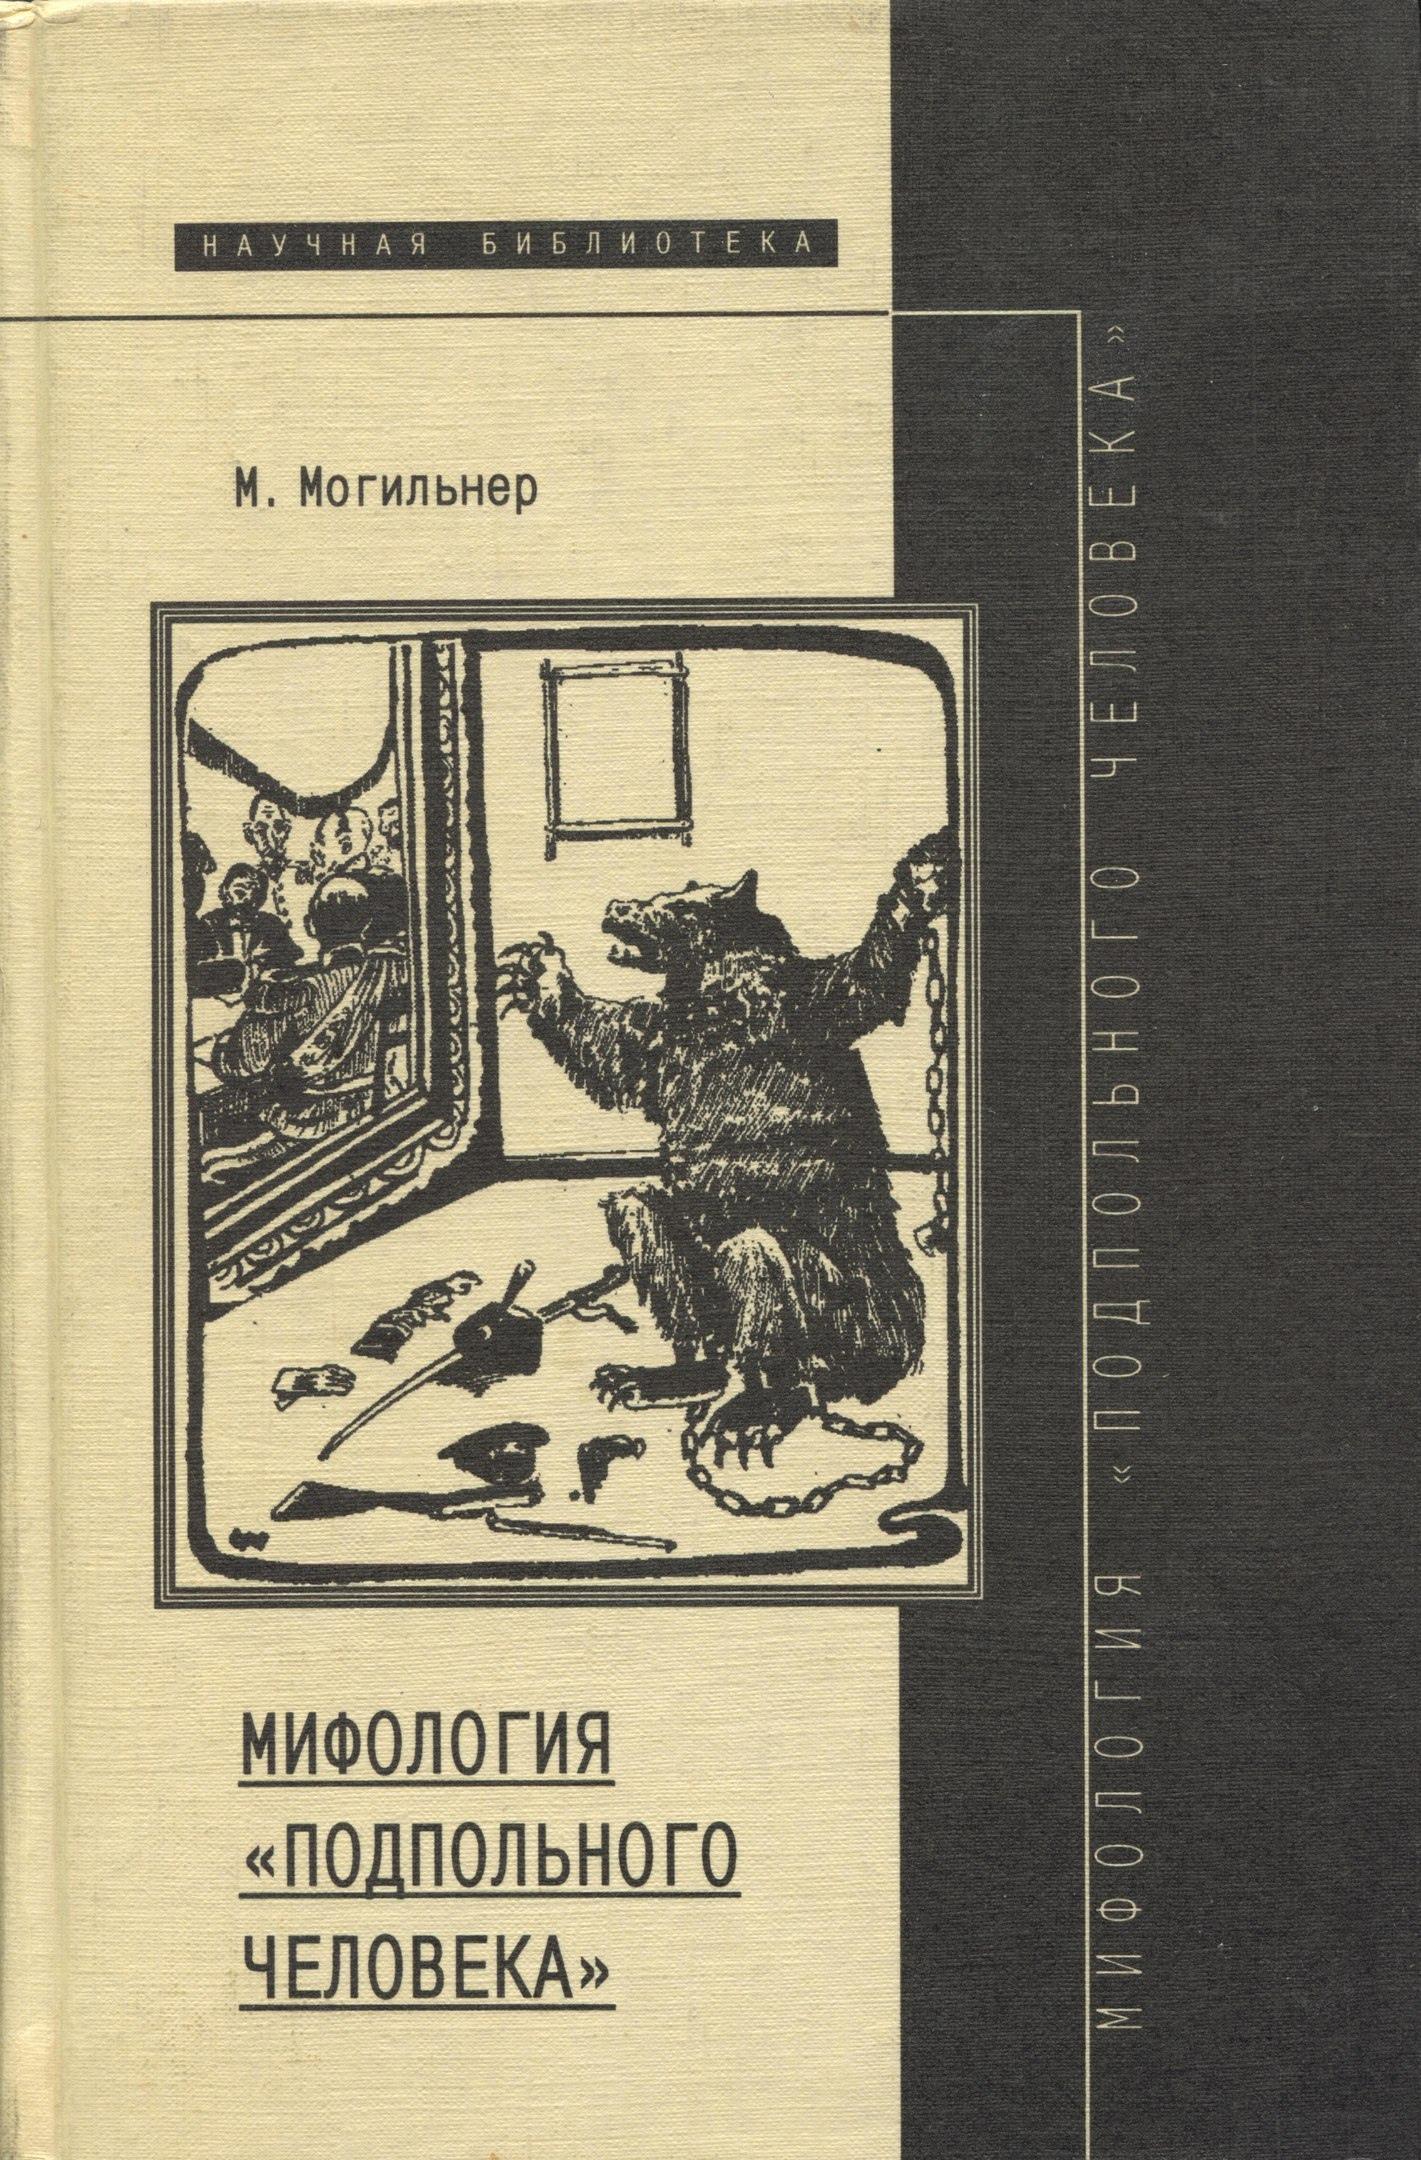 Мифология  «подпольного человека»: радикальный микрокосм в России начала XX века как предмет семиотического анализа